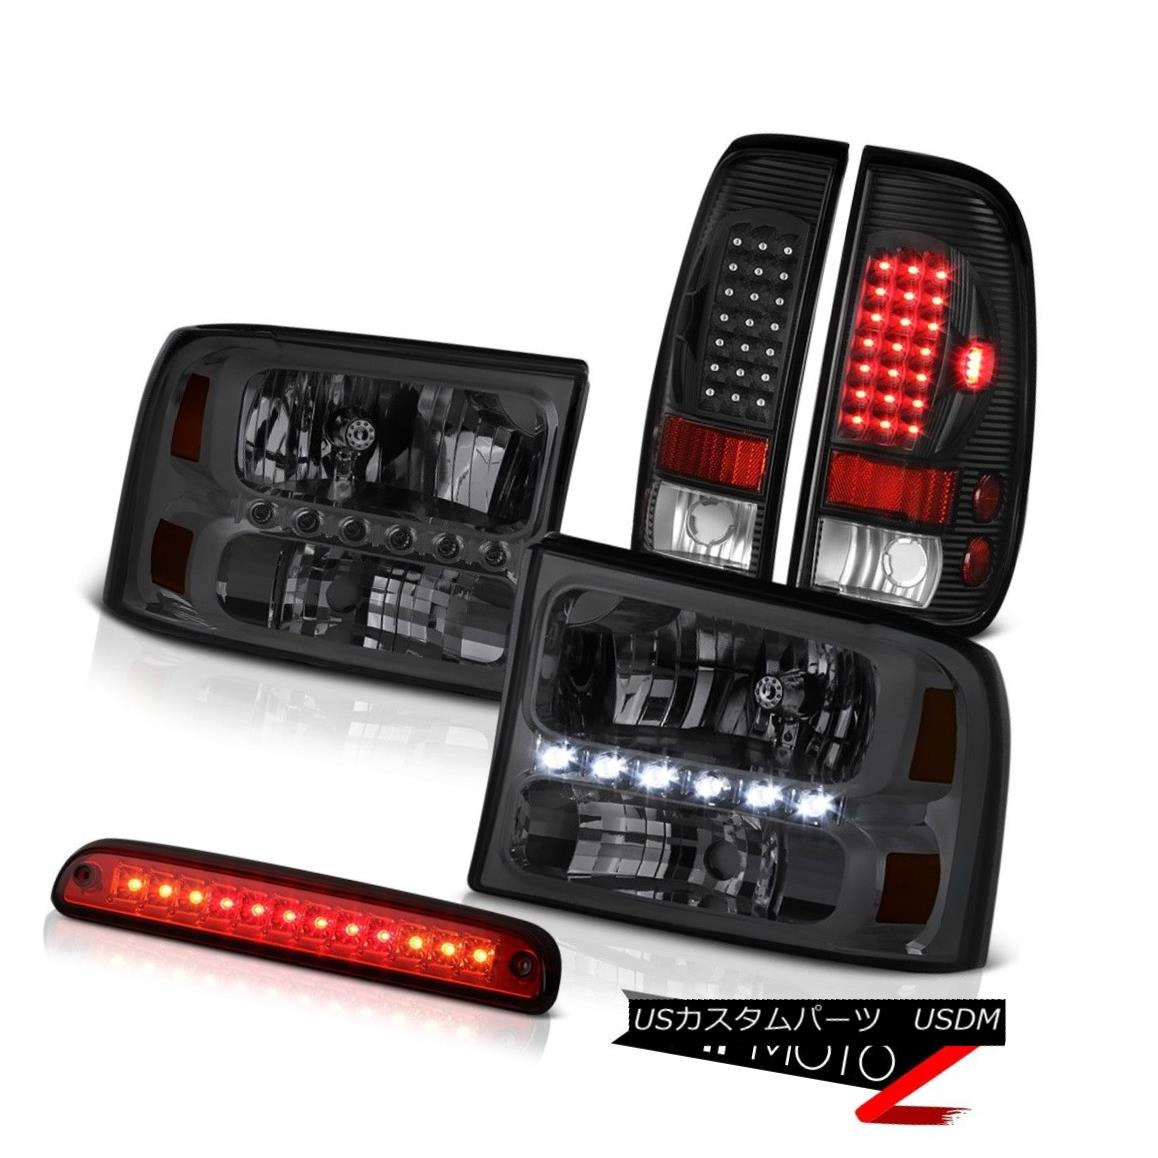 テールライト Crystal Headlights Third Brake Red LED Black Tail Lights 1999-2004 Ford F350 クリスタルヘッドライト第3ブレーキ赤LEDブラックテールライト1999-2004 Ford F350